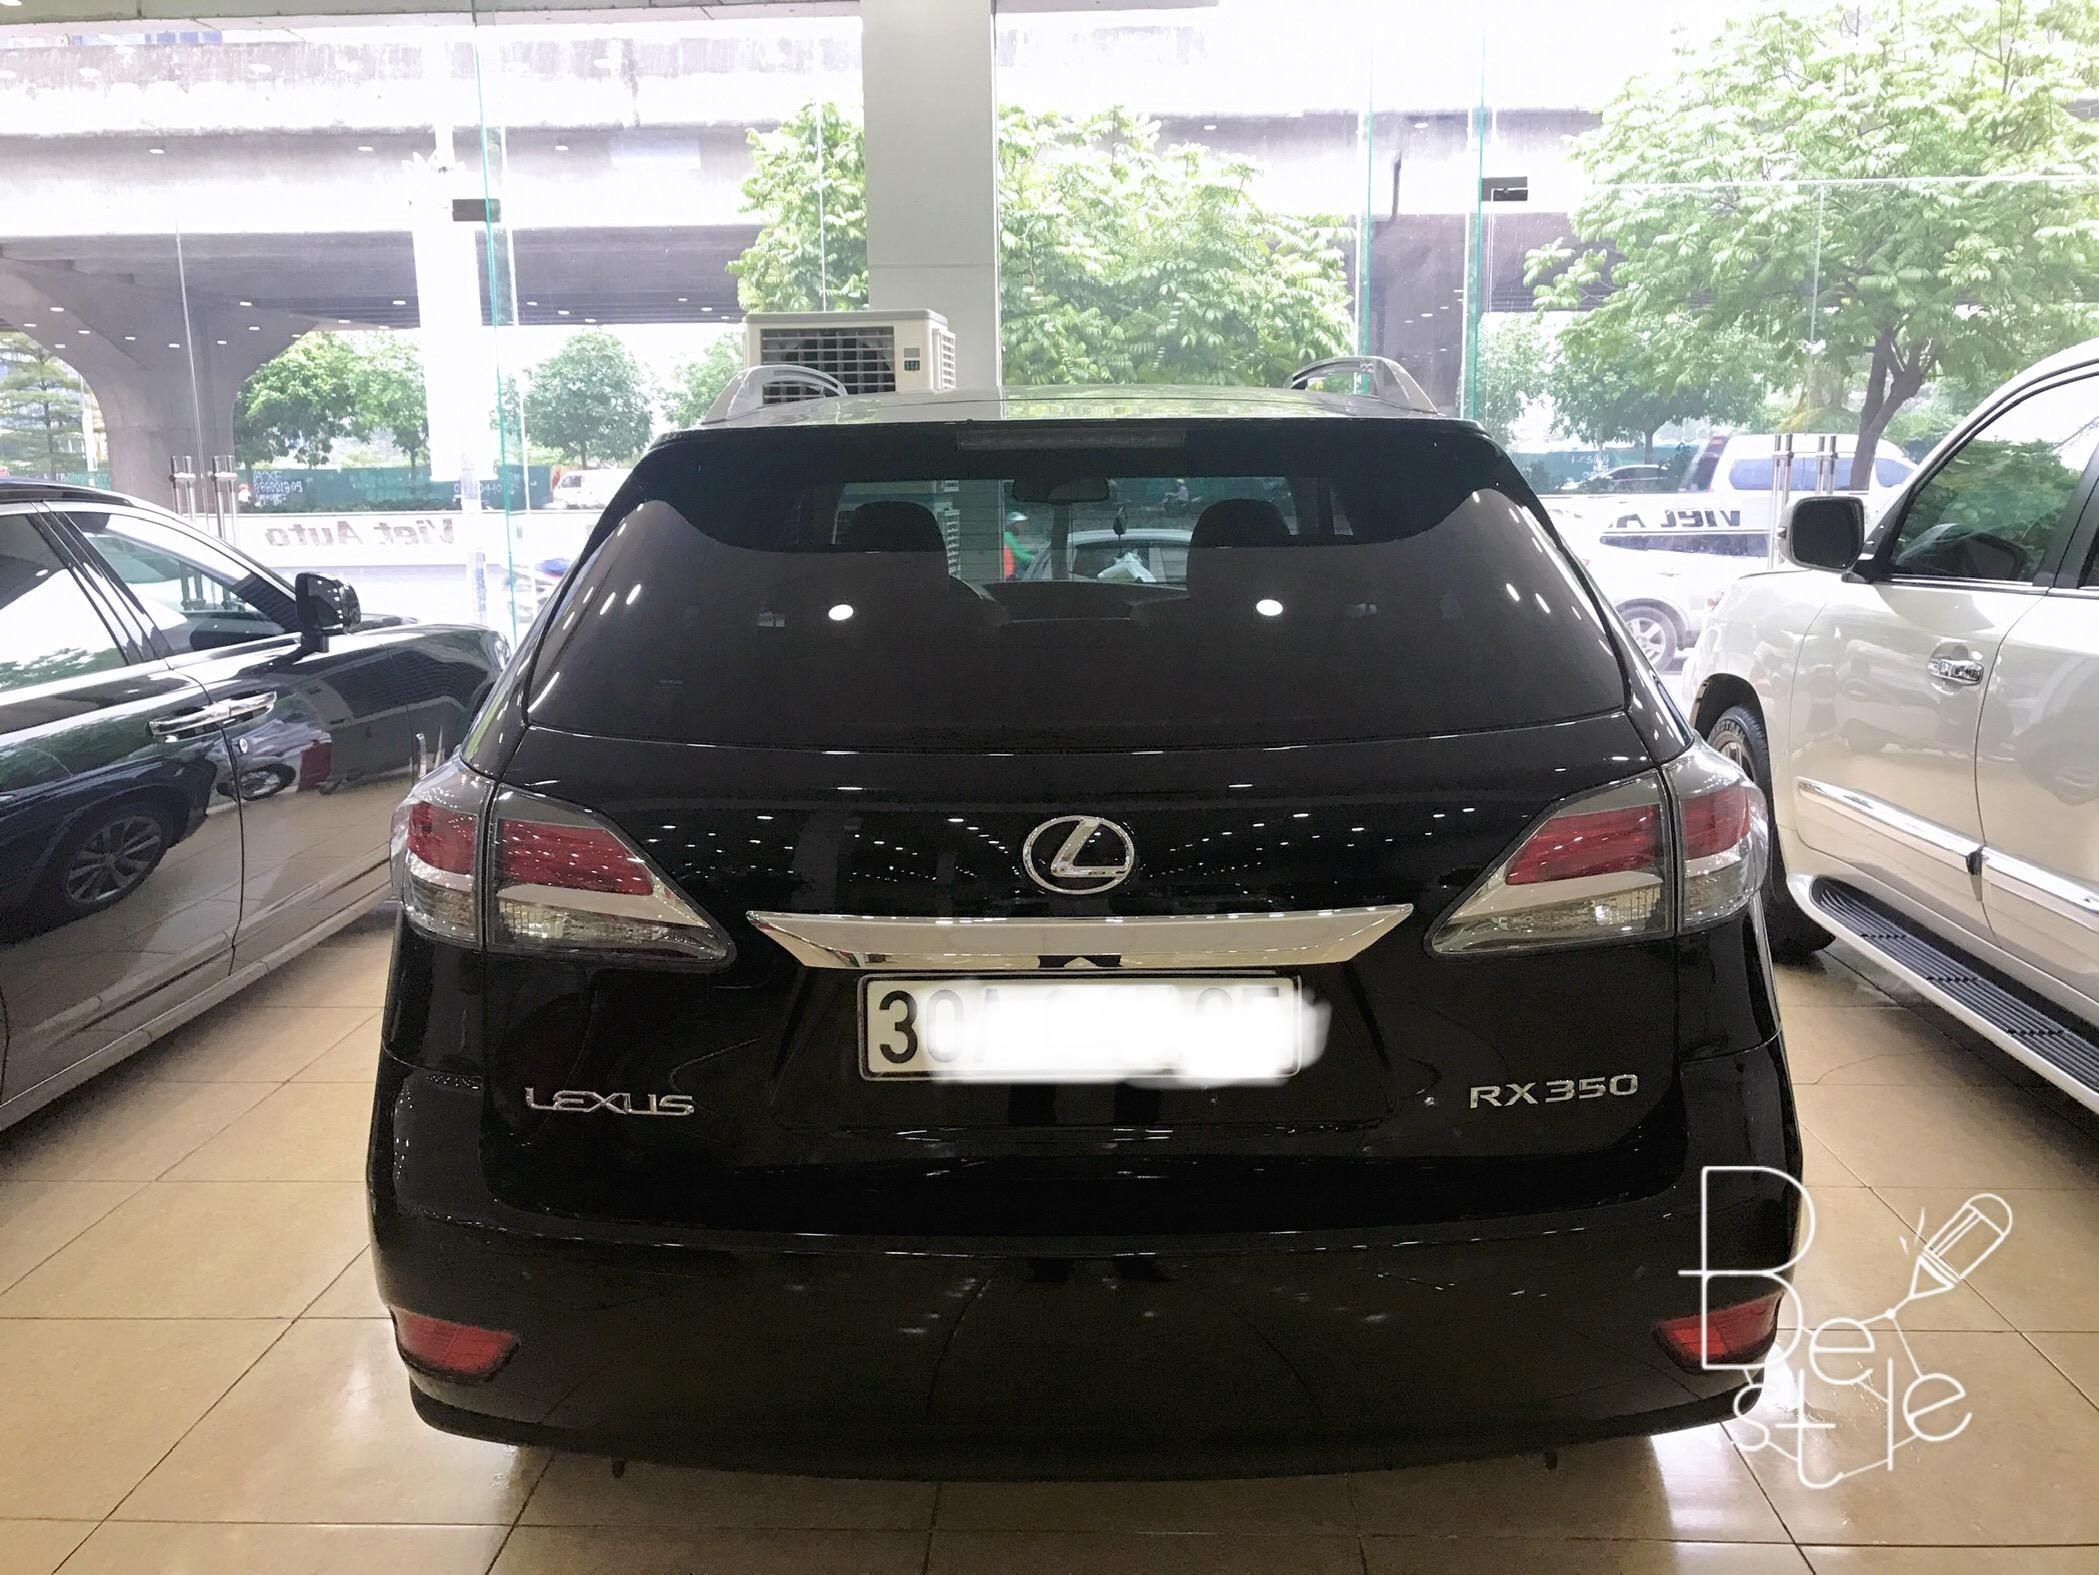 Bán Lexus Rx350 sản xuất và đăng ký 2015,1 chủ từ đầu ,biển Hà Nội 1